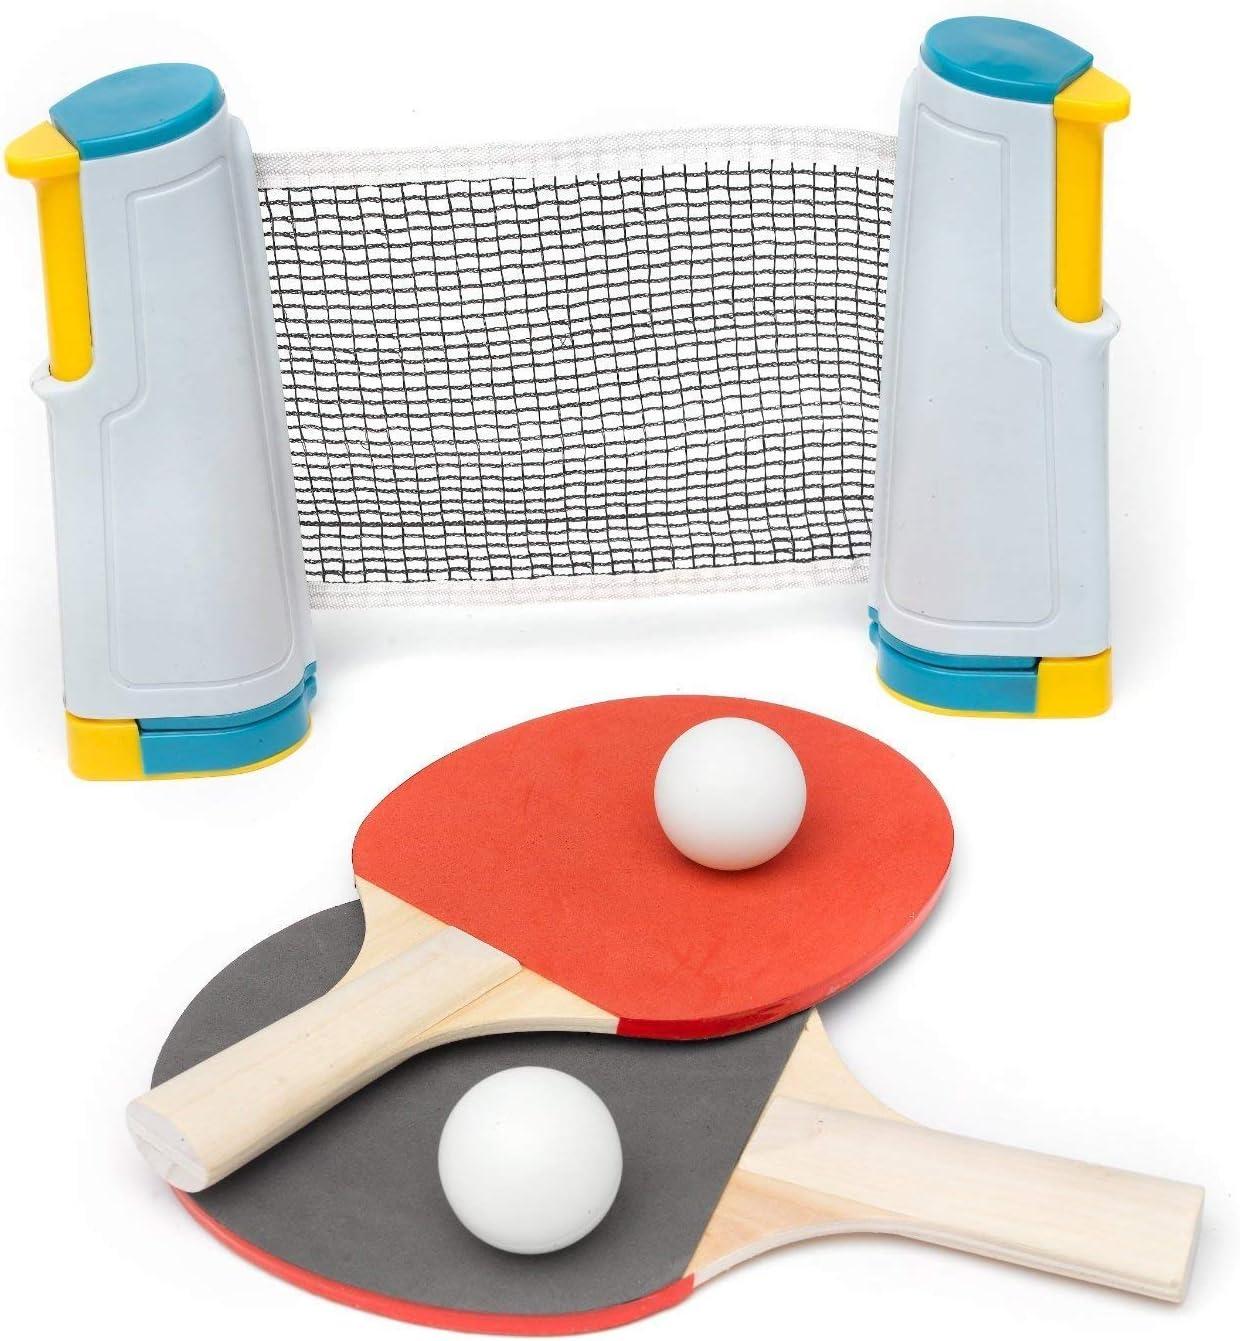 Instant Tennis de Table Jeu tout en un ping pong Set Pour Toute Table Paddle Ball